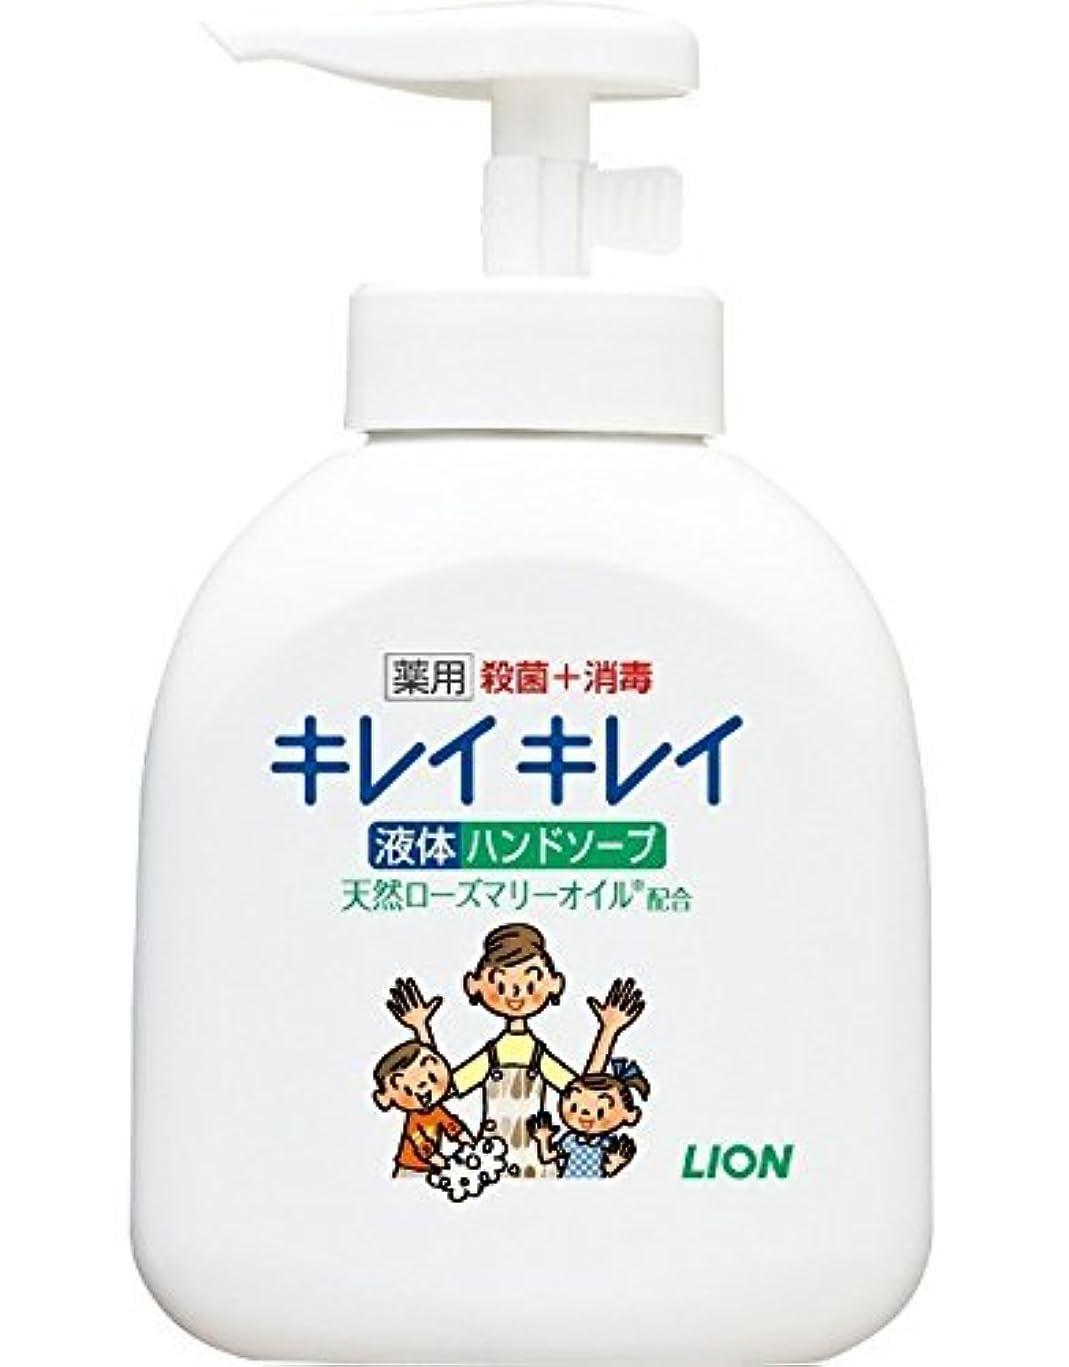 状態ガジュマル再発するライオン キレイキレイ薬用ハンドソープポンプ250 ????????????????? 00017540 【まとめ買い5個セット】